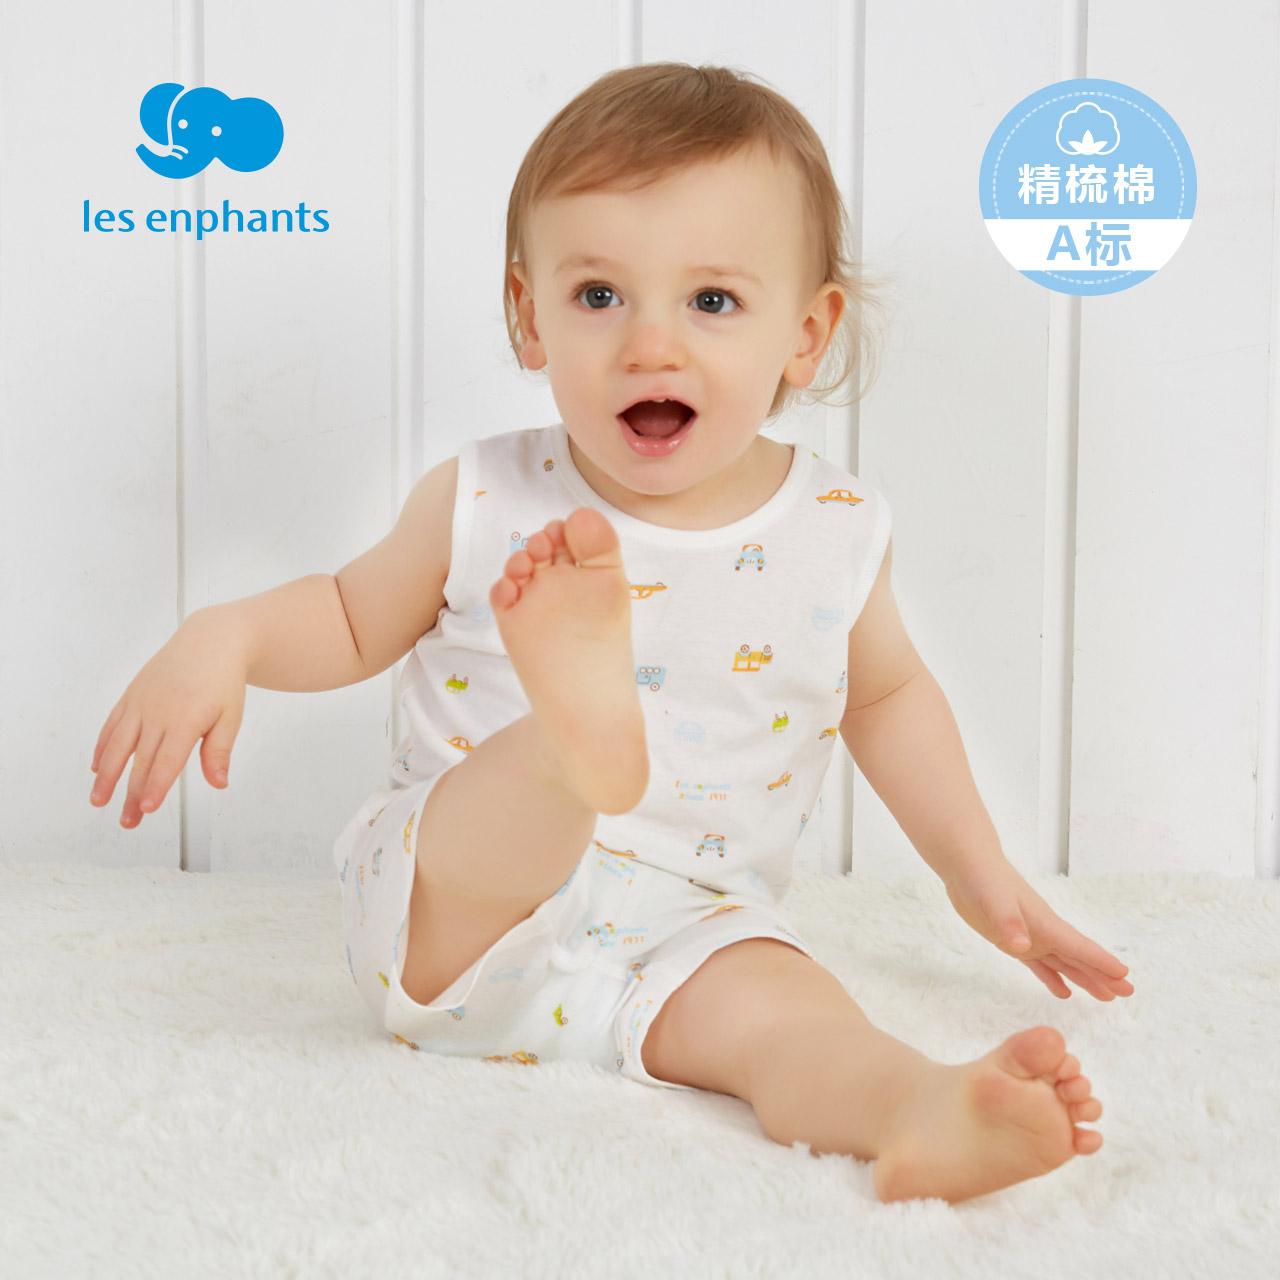 丽婴房婴儿衣服 儿童背心内衣套装男童纯棉夏季睡衣套装2018新款